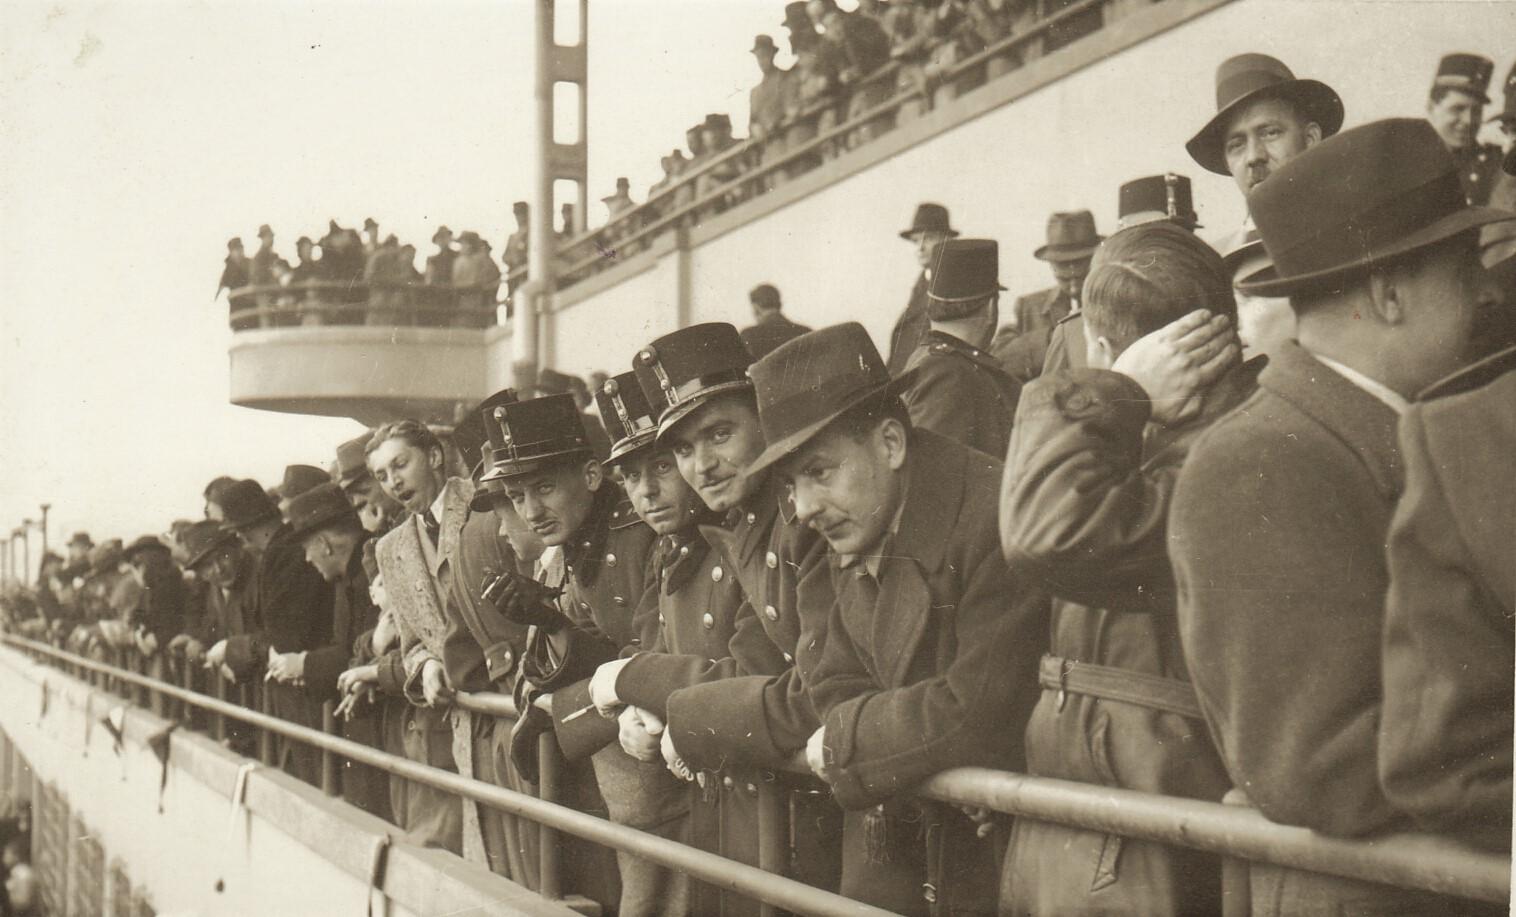 85_253_61_1_iskolai_tornaunnepely_a_vasgyari_stadionban_1939-44.jpg